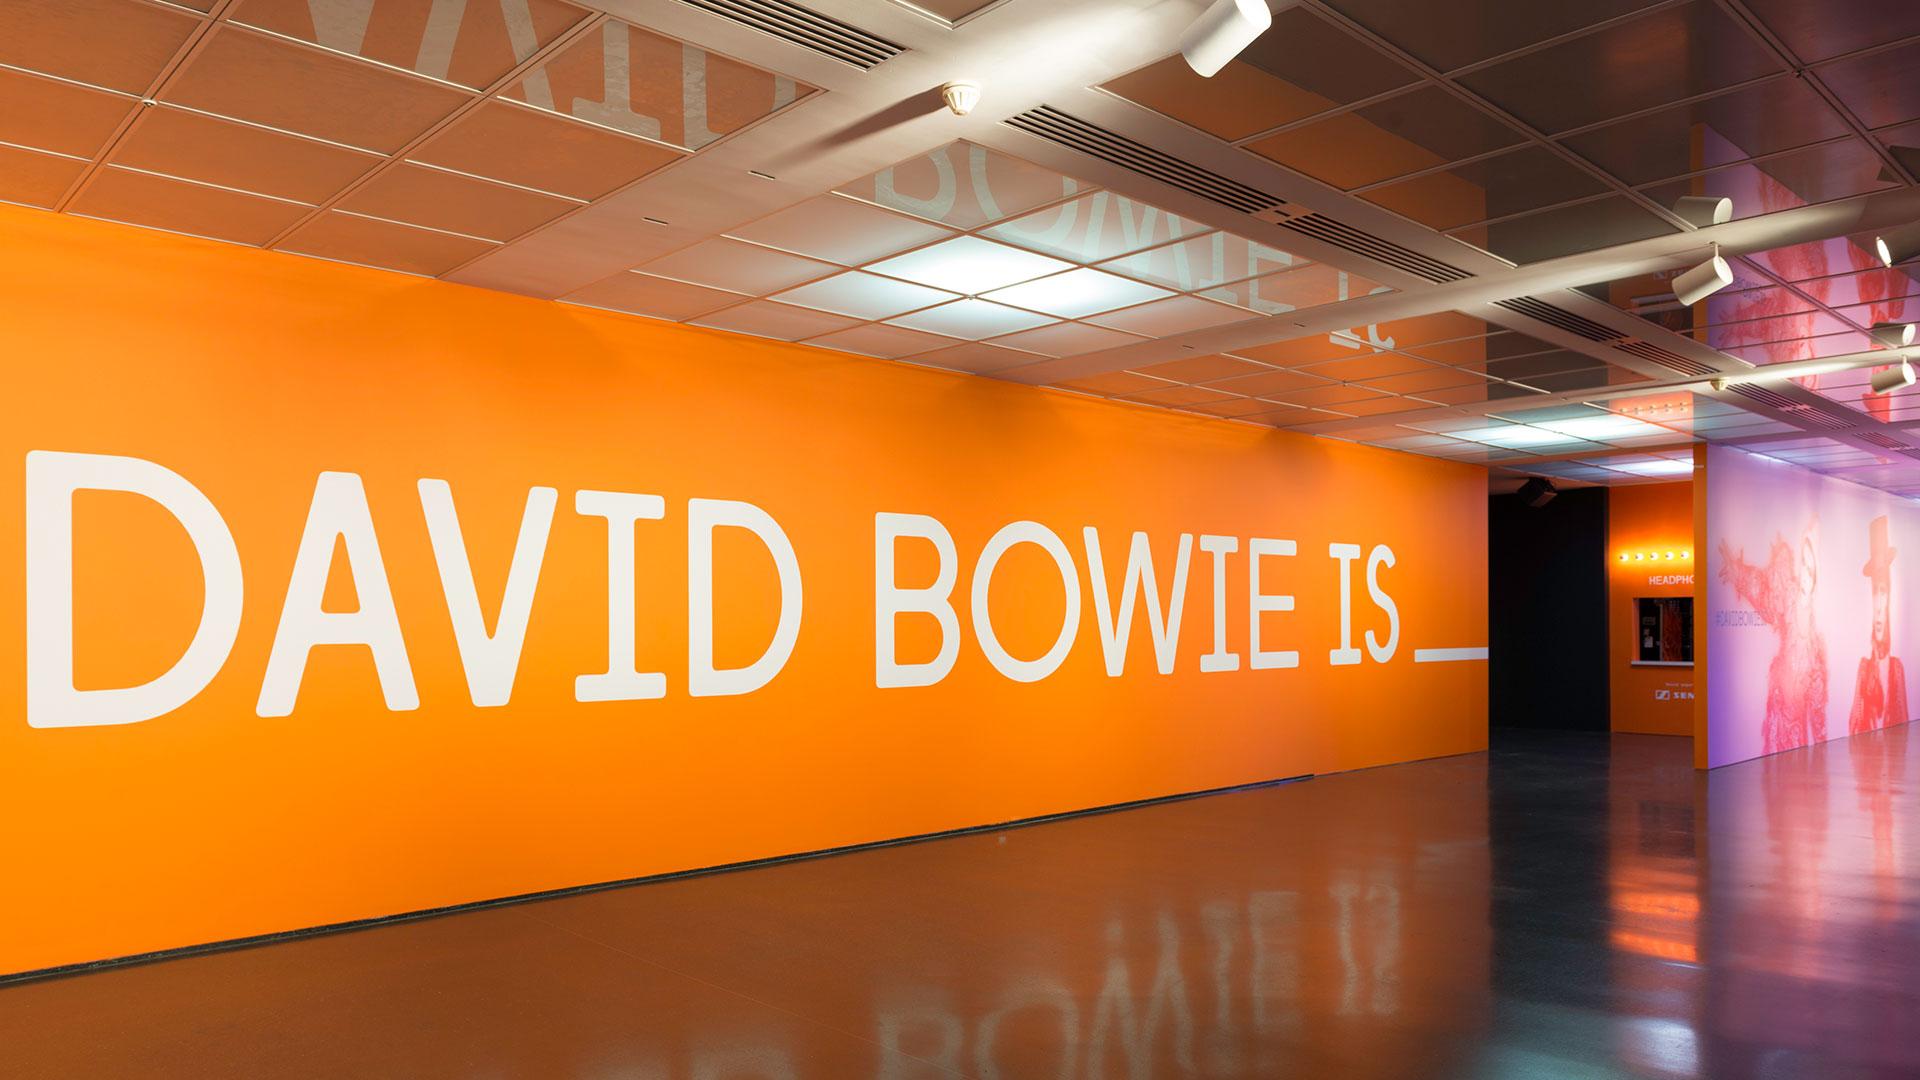 La sombra alargada de Bowie hero asset